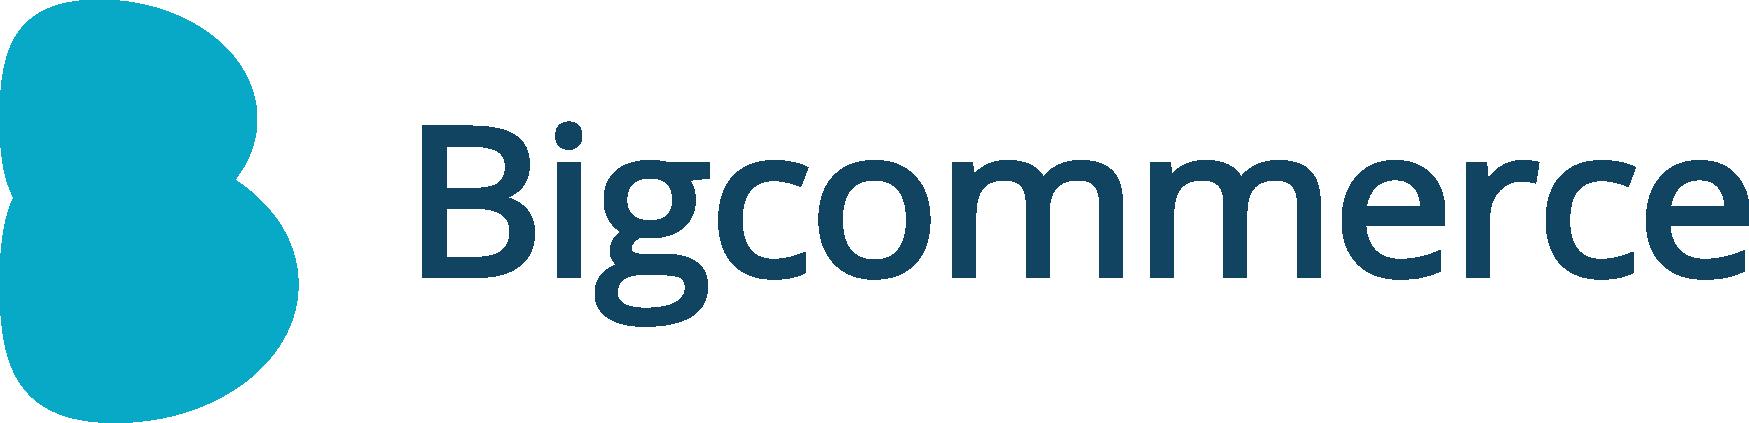 bc-logo-horizontal-no-tag